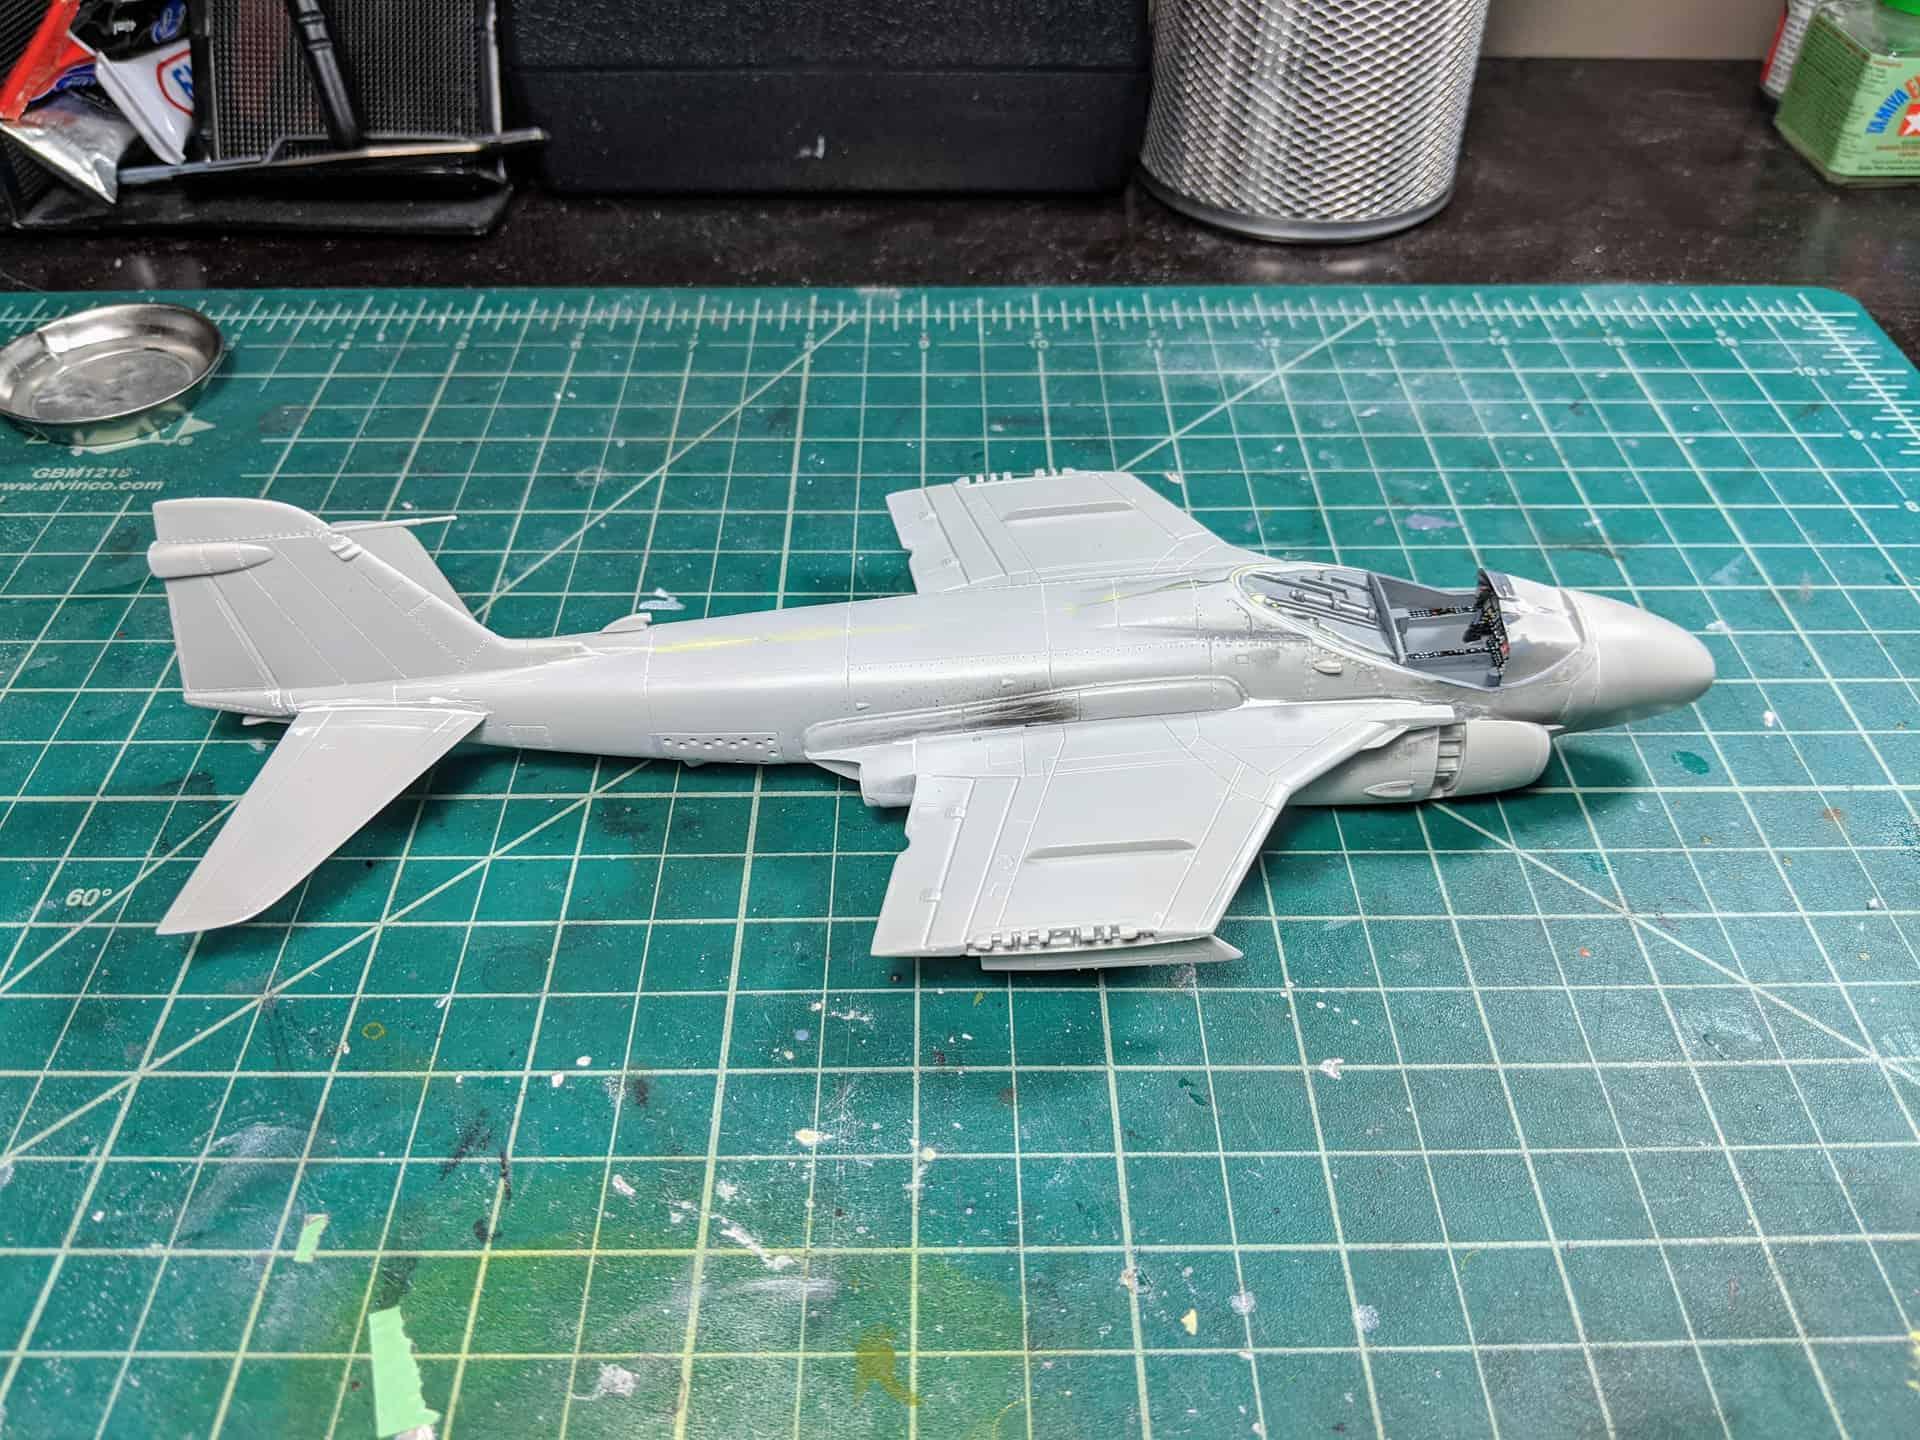 ka-6-intruder-assembled (2)